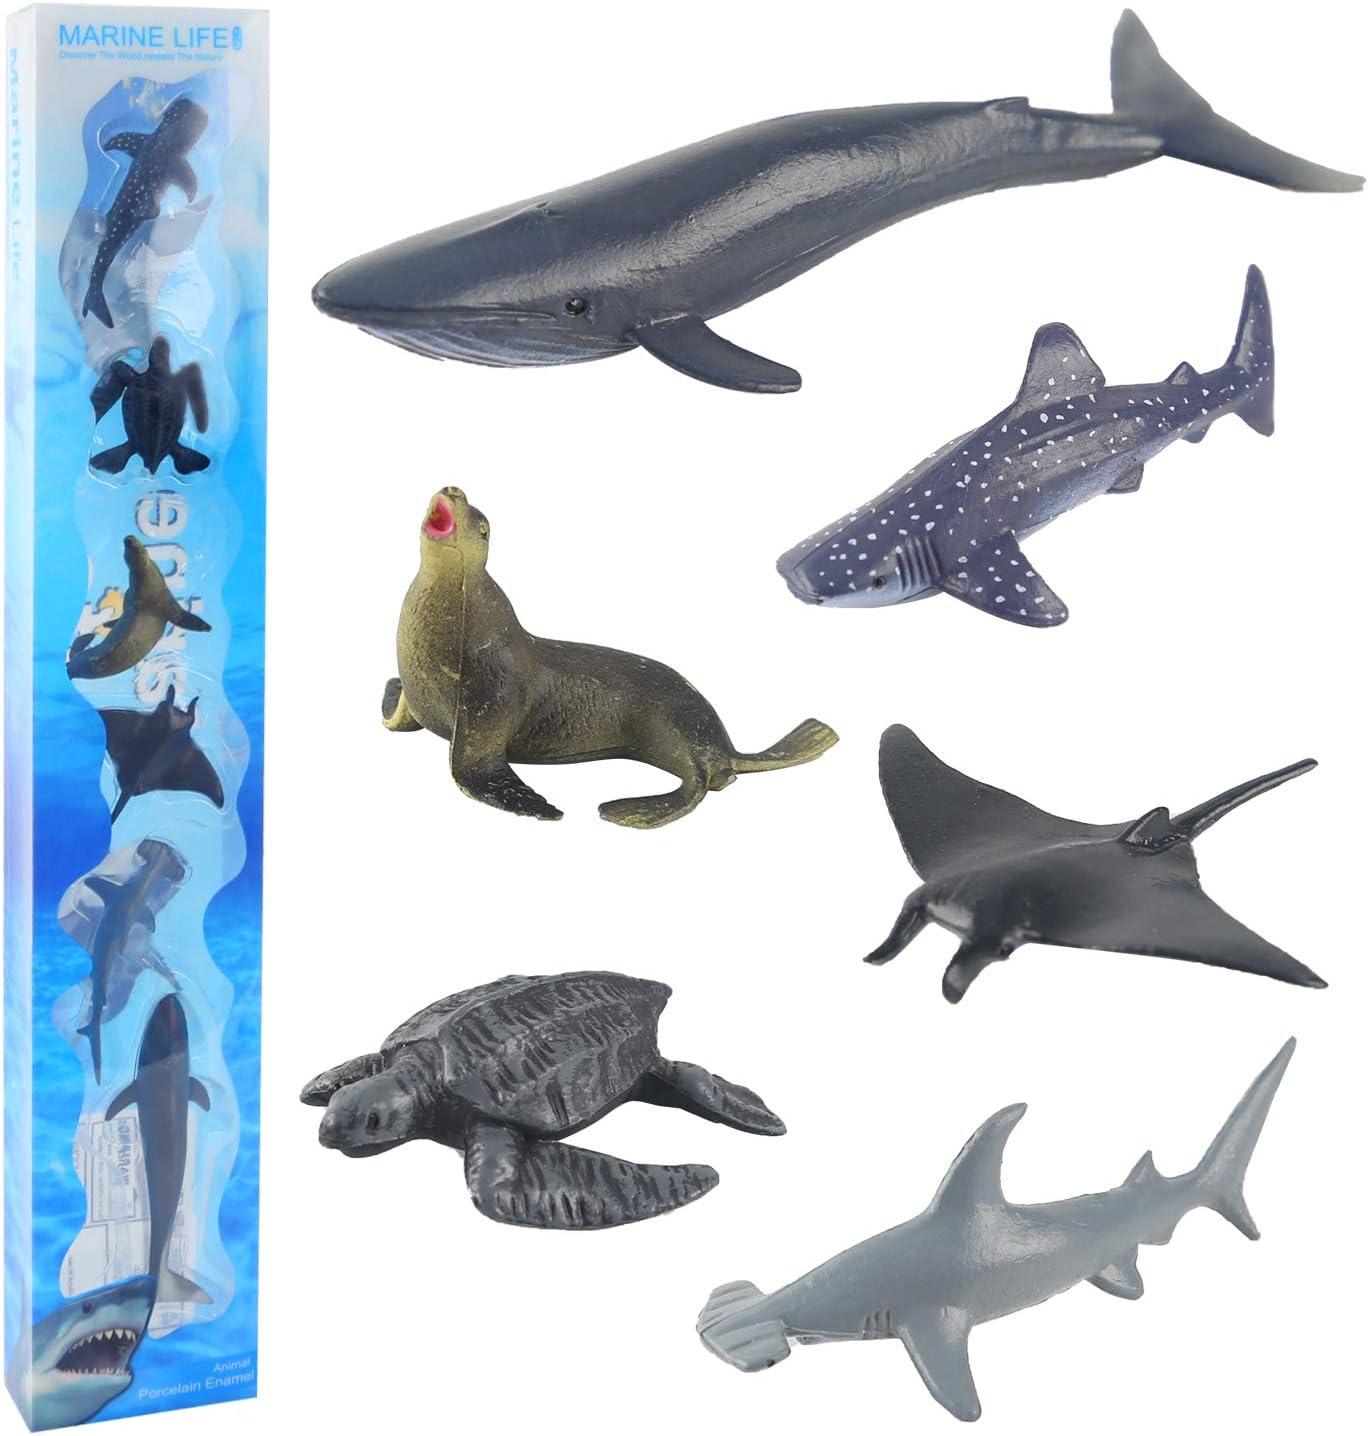 Animales de Juguete Jugar en el Baño Figura Tortuga Gigante Ballena Azul Tiburón Ballena Educativa Relago para niños pequeños Adorno de Tarta